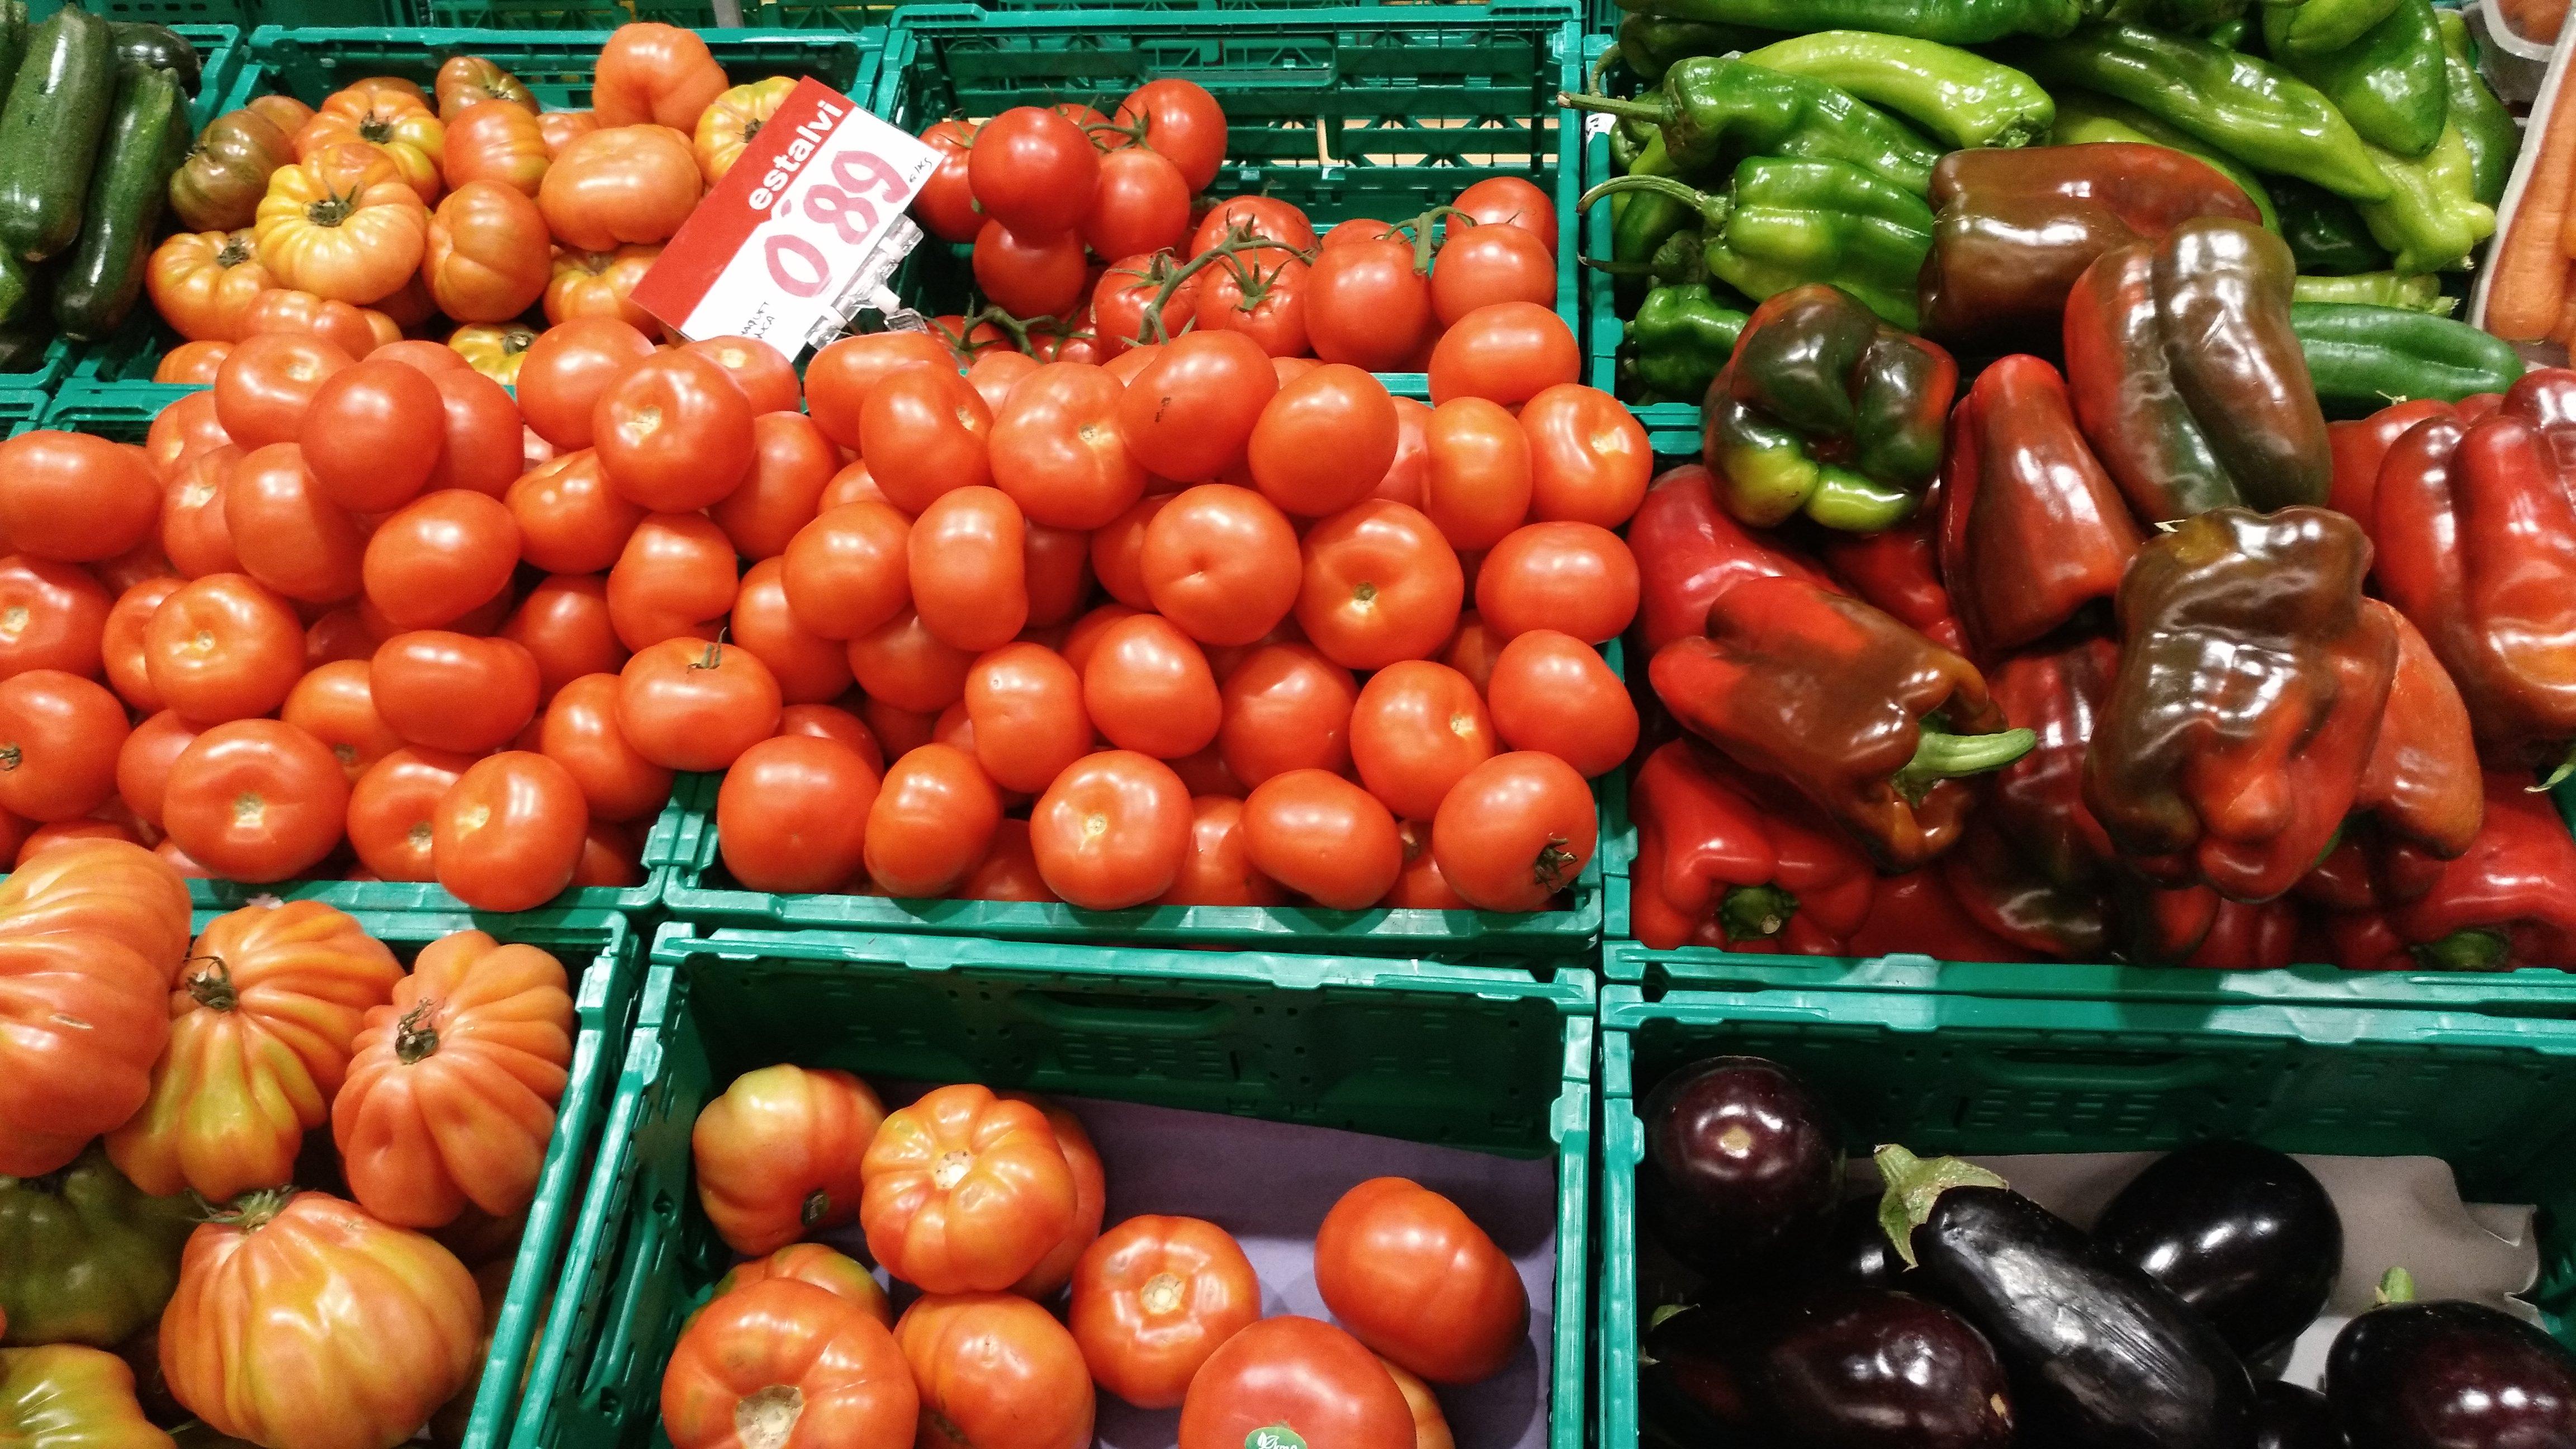 Verduras de proximidad pero con agrotóxicos, por Joan Carles López